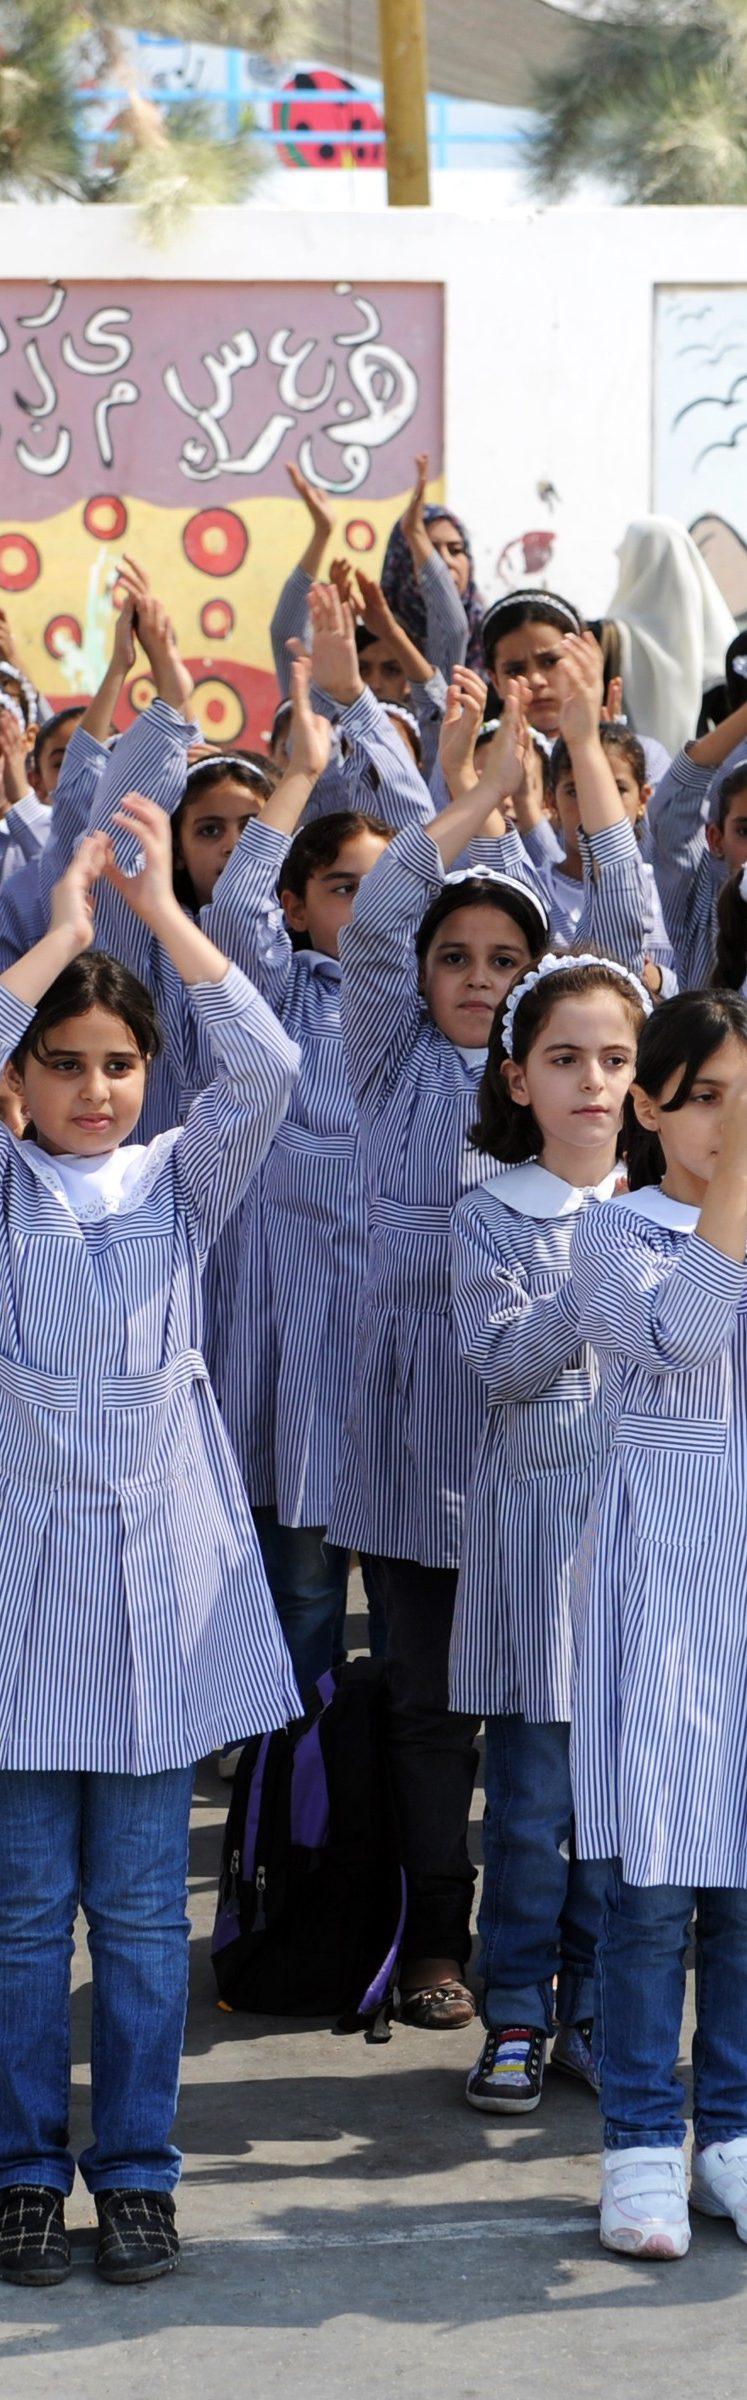 إلغاء إجازتي يوم المرأة العالمي وذكرى الاسراء والمعراج بوكالة الغوث في غزة